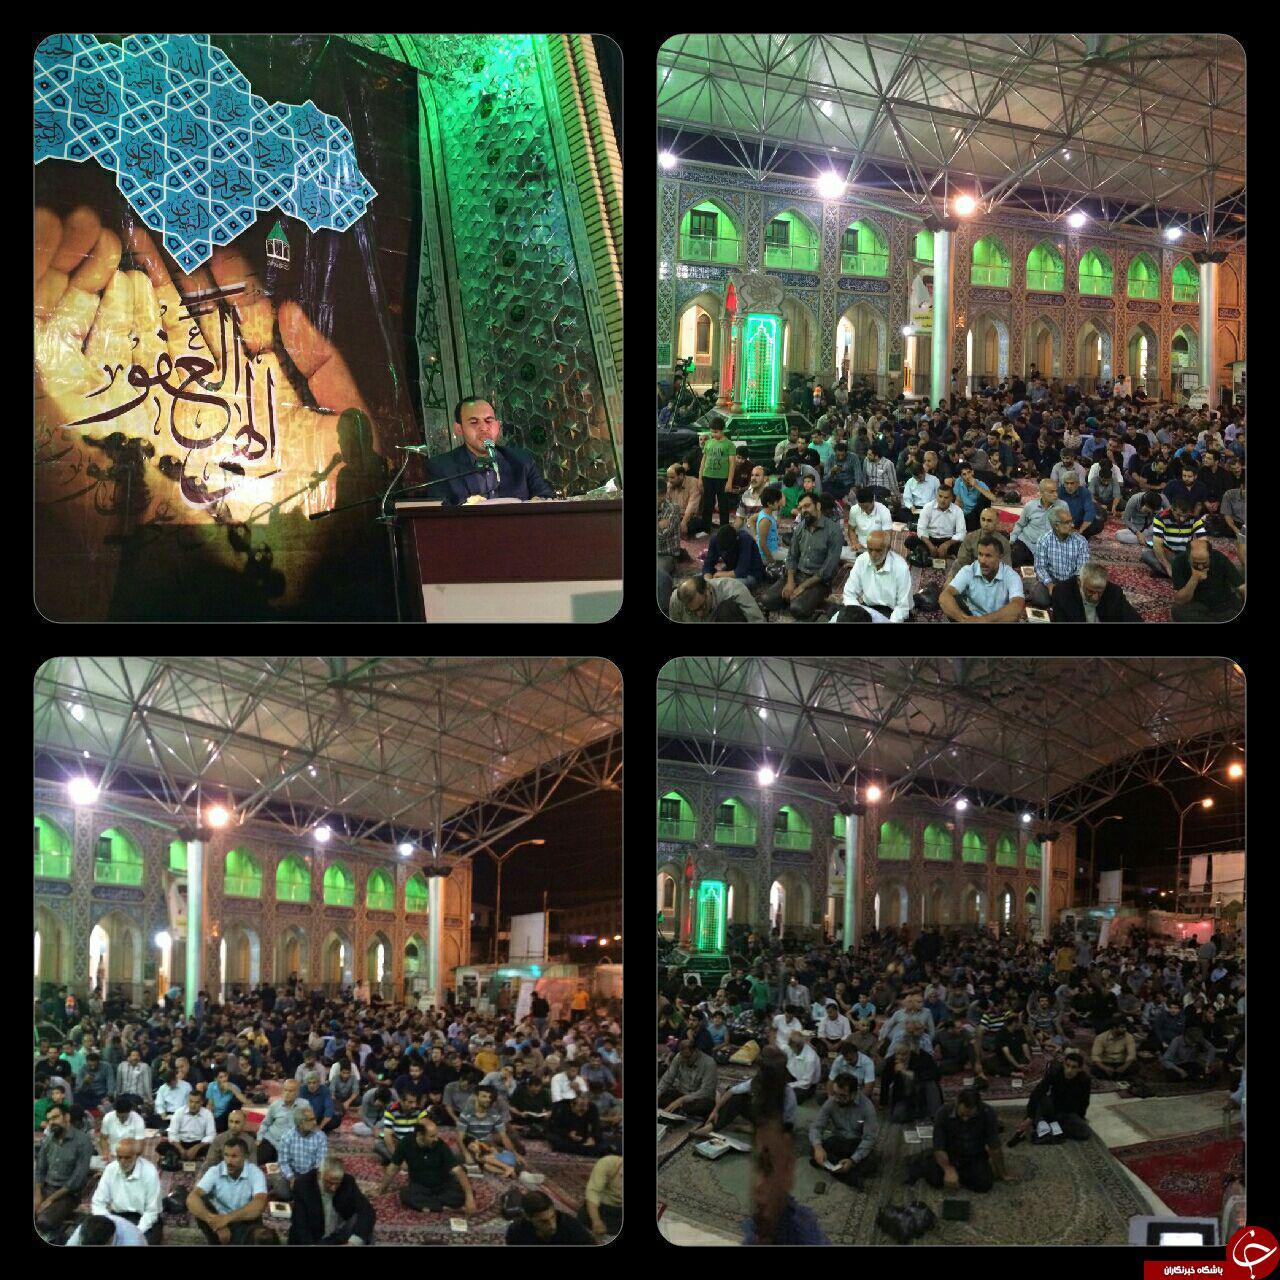 برگزاری مراسم احیاء اولین شب قدر در مازندران+ تصاویر